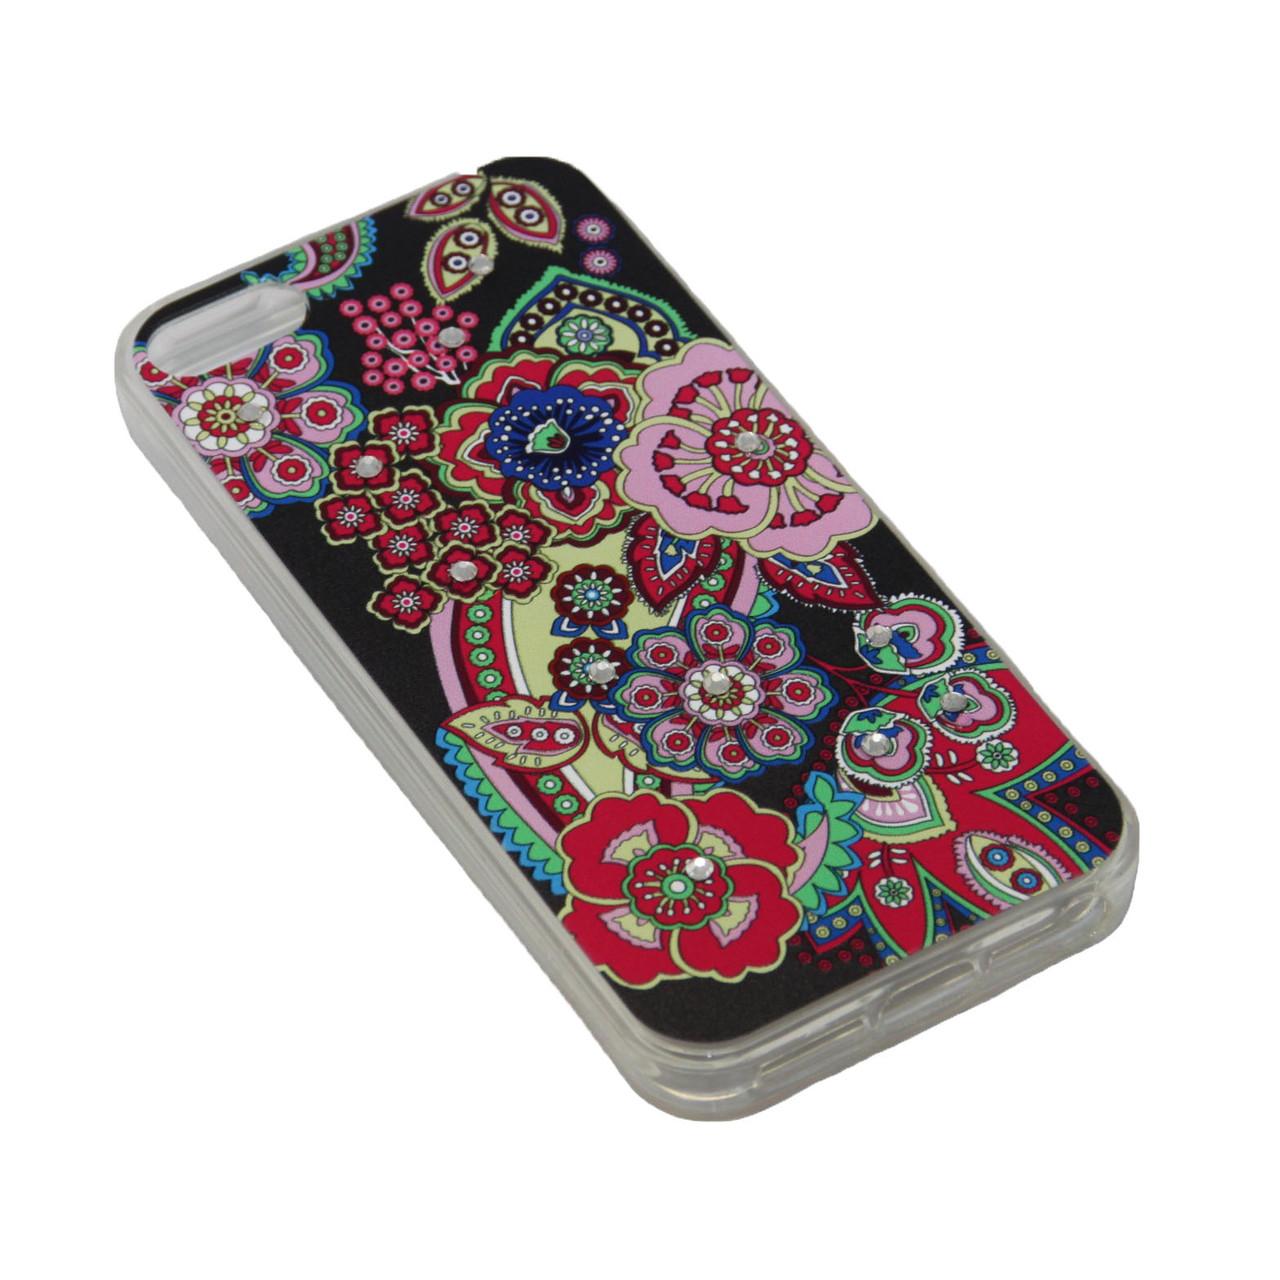 Чехол Fashion Силикон Стразы iPhone 7 Plus - фото 1